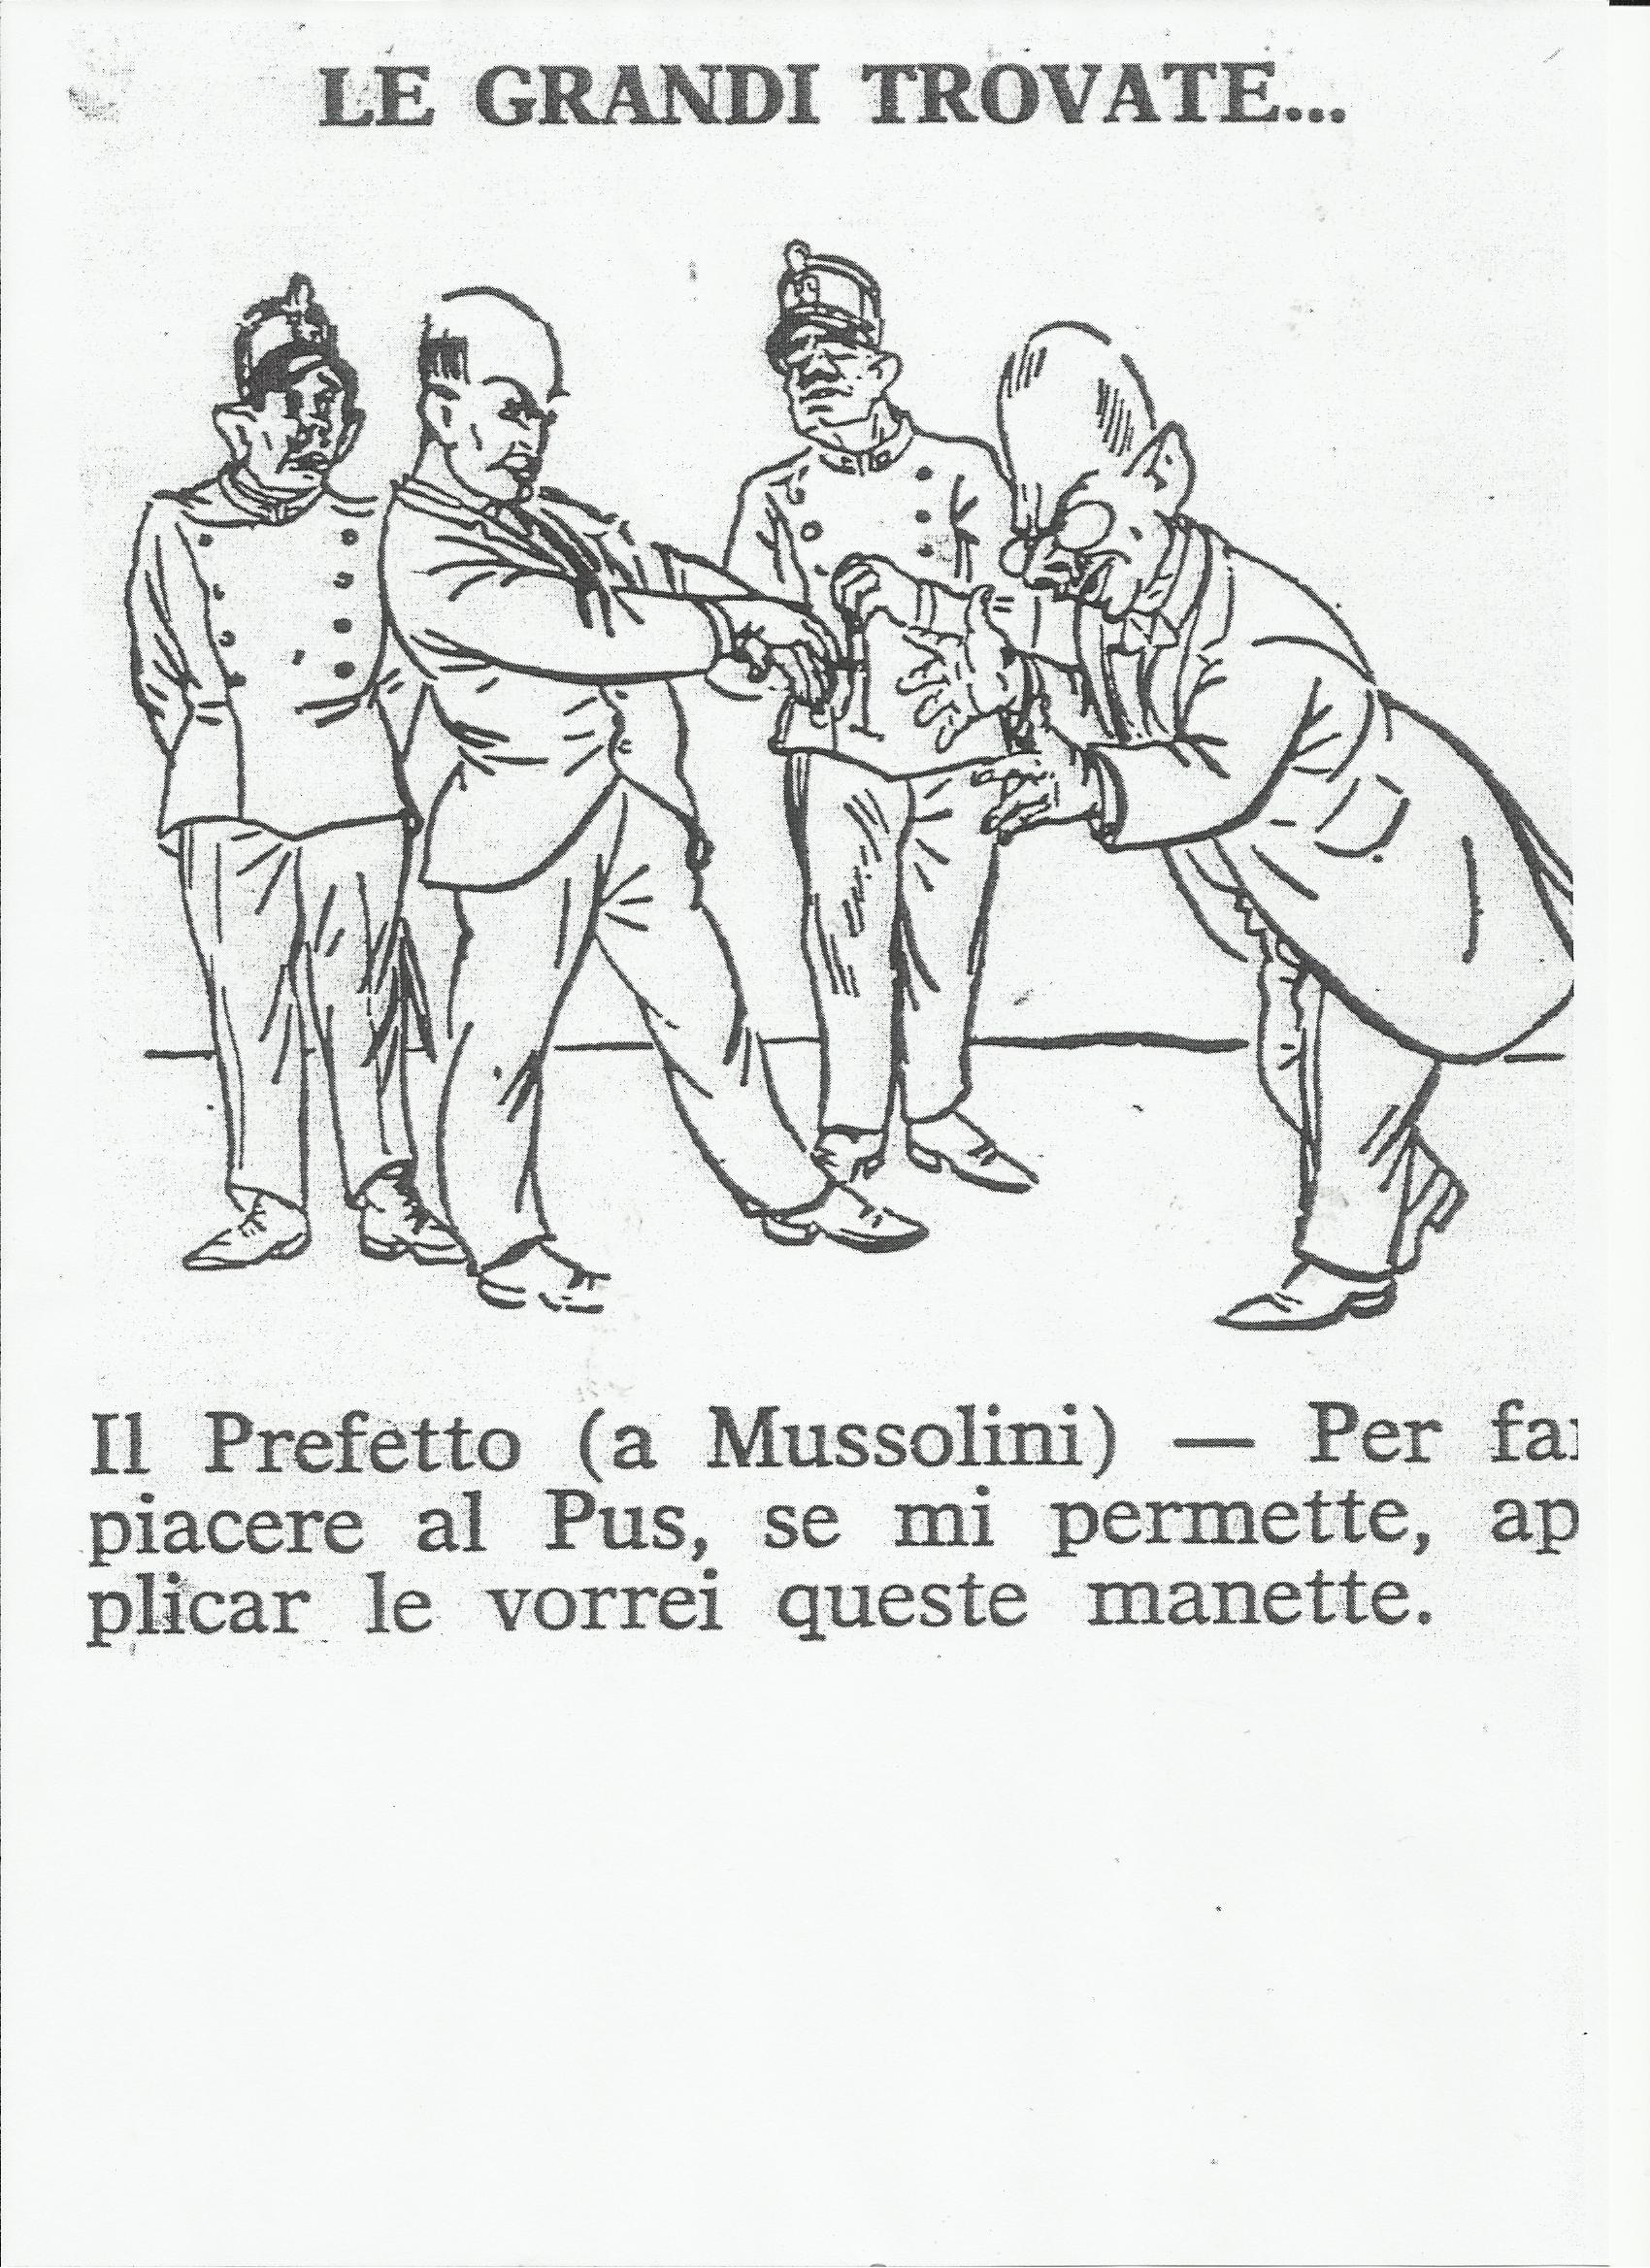 La volontà di rivincita: nascono i FdC, Milano 1919 (terza parte). A cura di Giacinto Reale